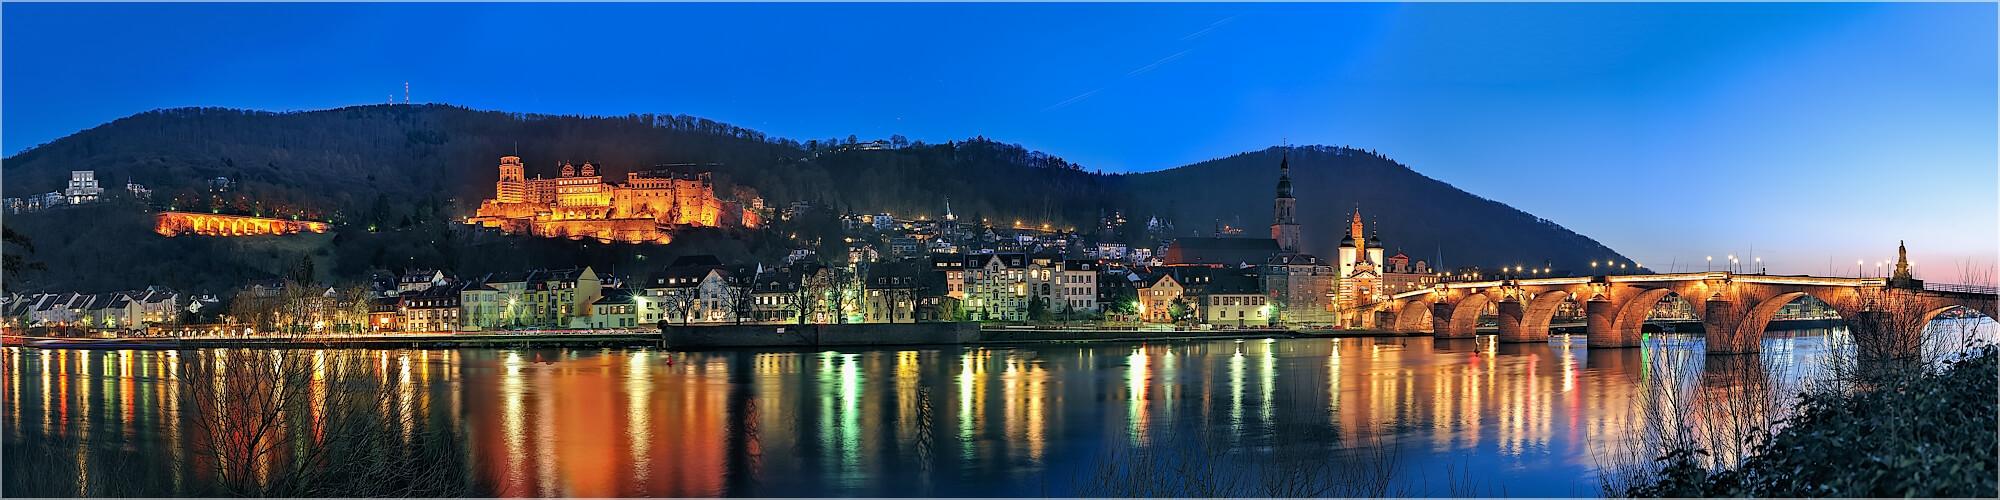 Panoramabild Heidelberg Schloß mit alter Brücke